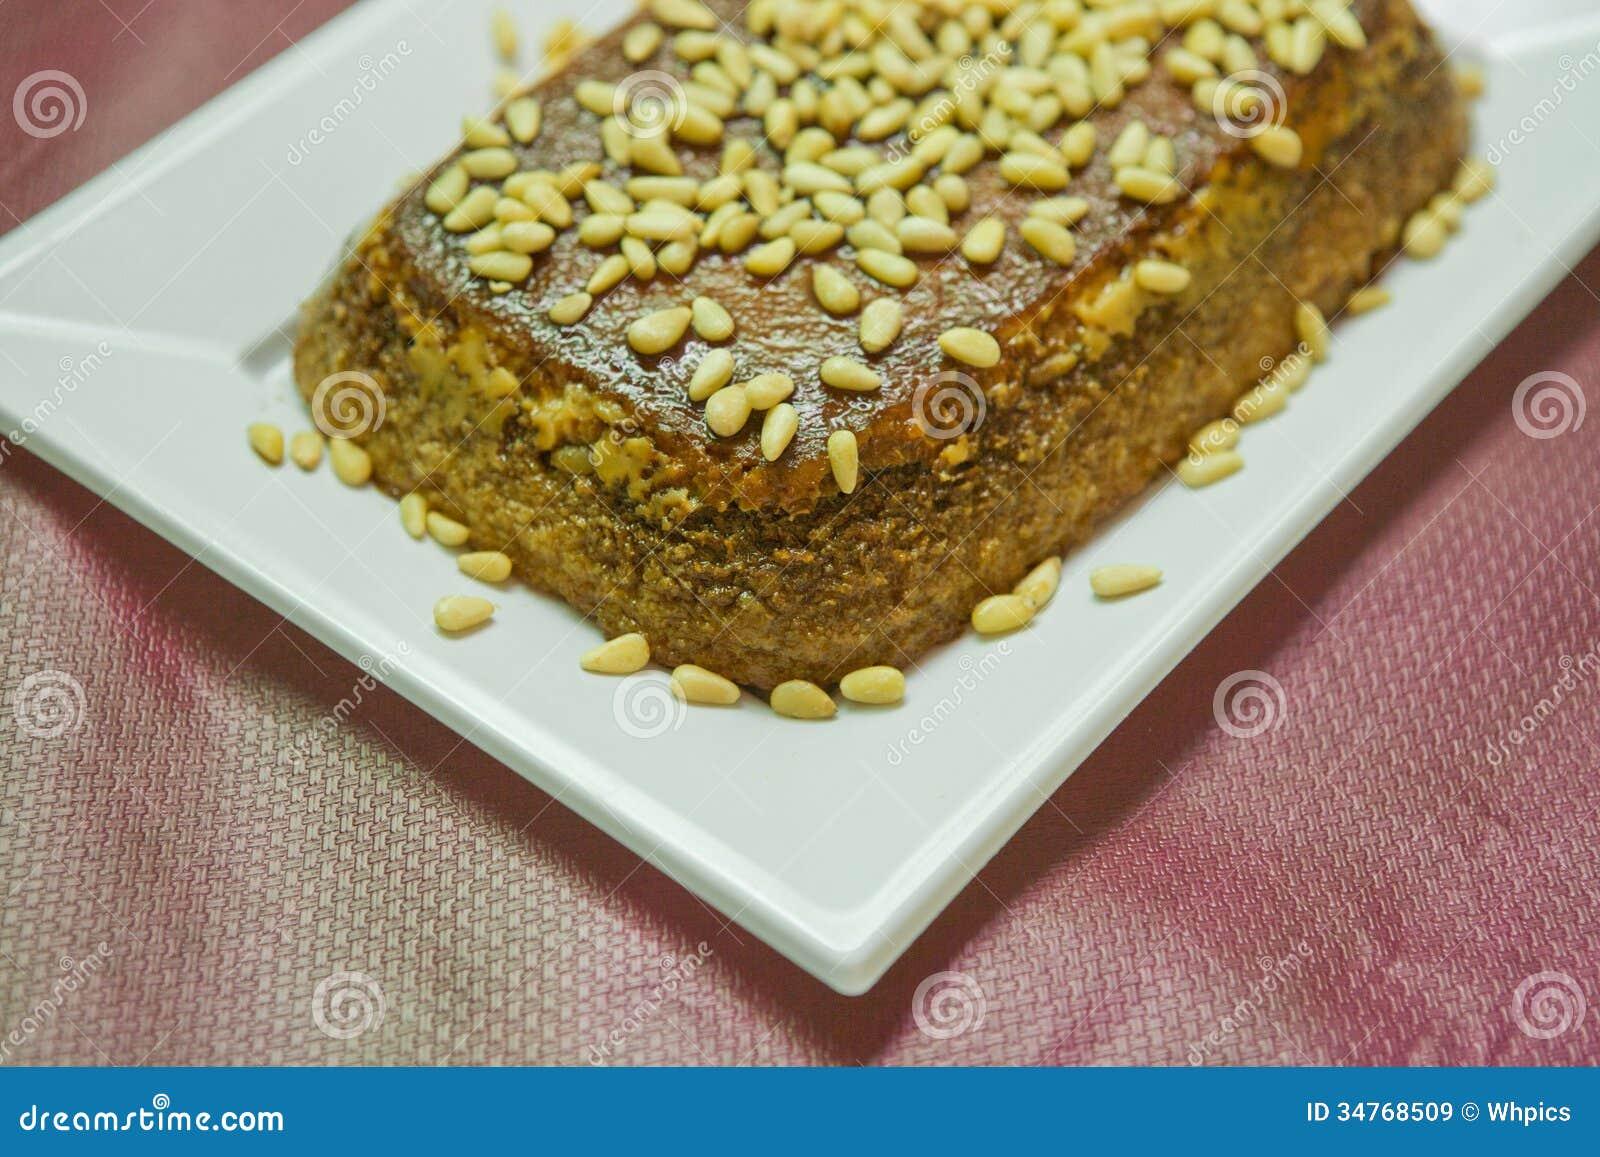 pine-nut-pie-tart-cream-nuts-toasted-sugar-34768509.jpg